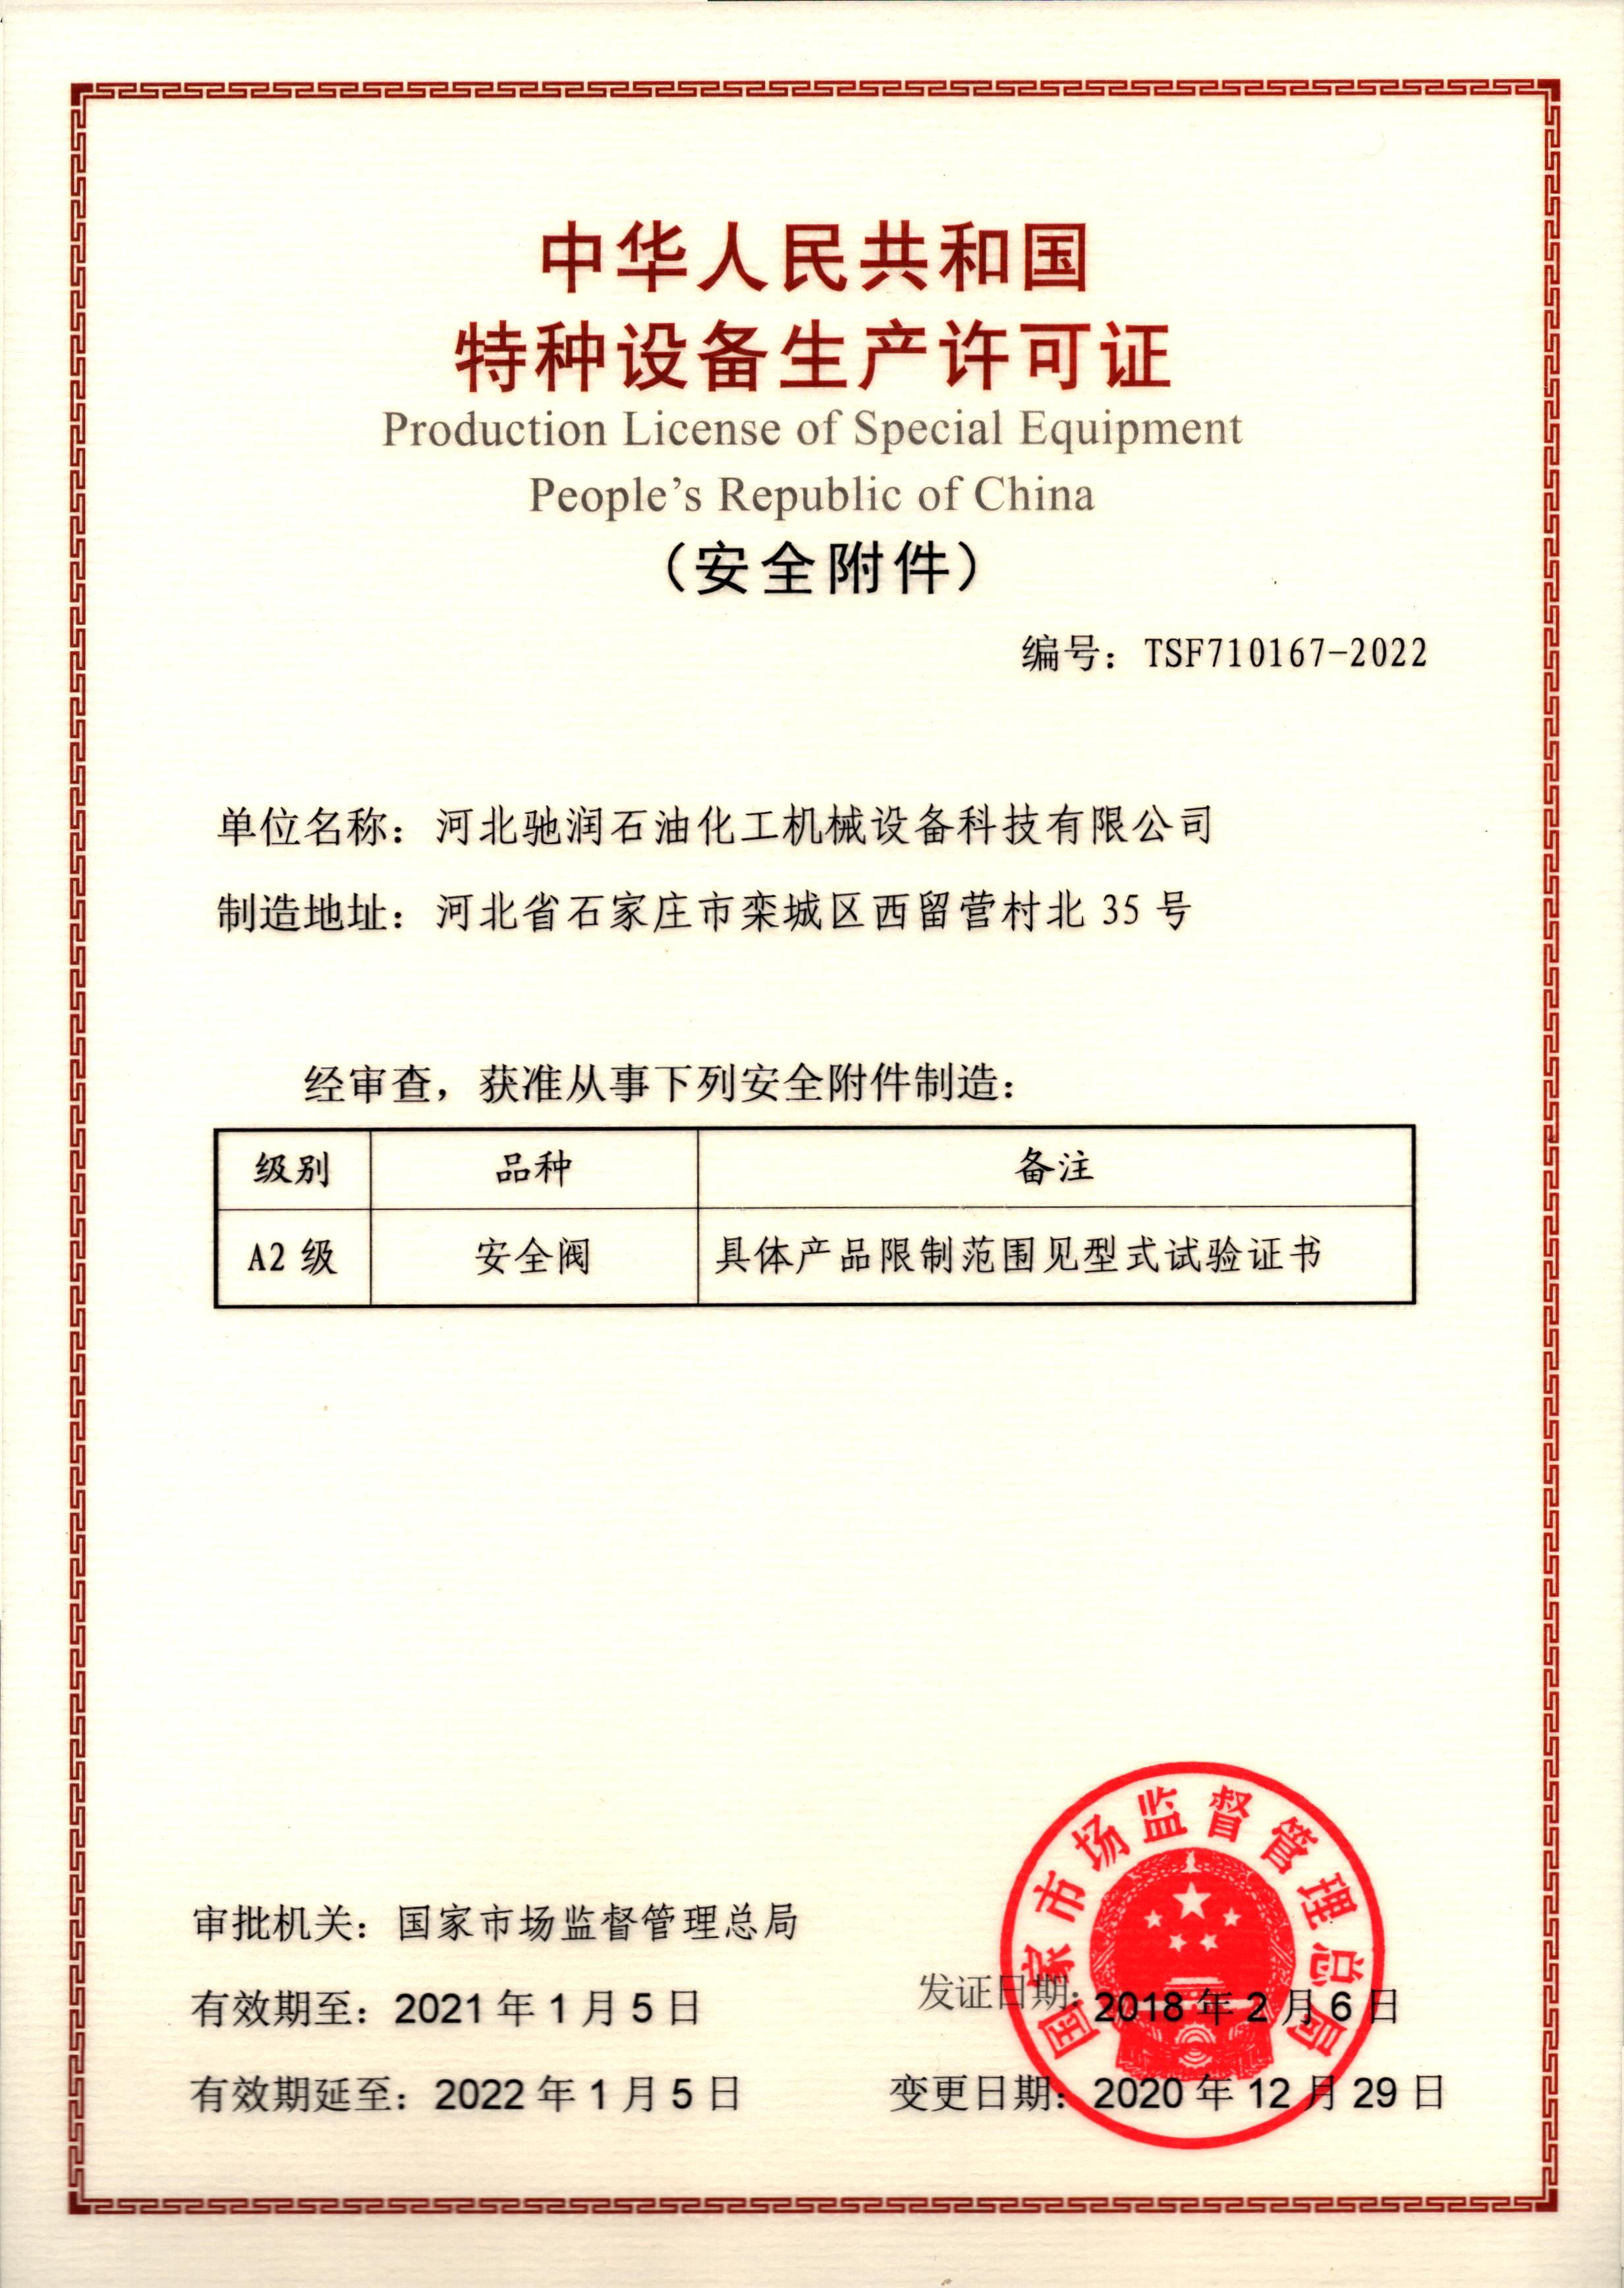 黑白nba直播在线直播特种设备制造许可证